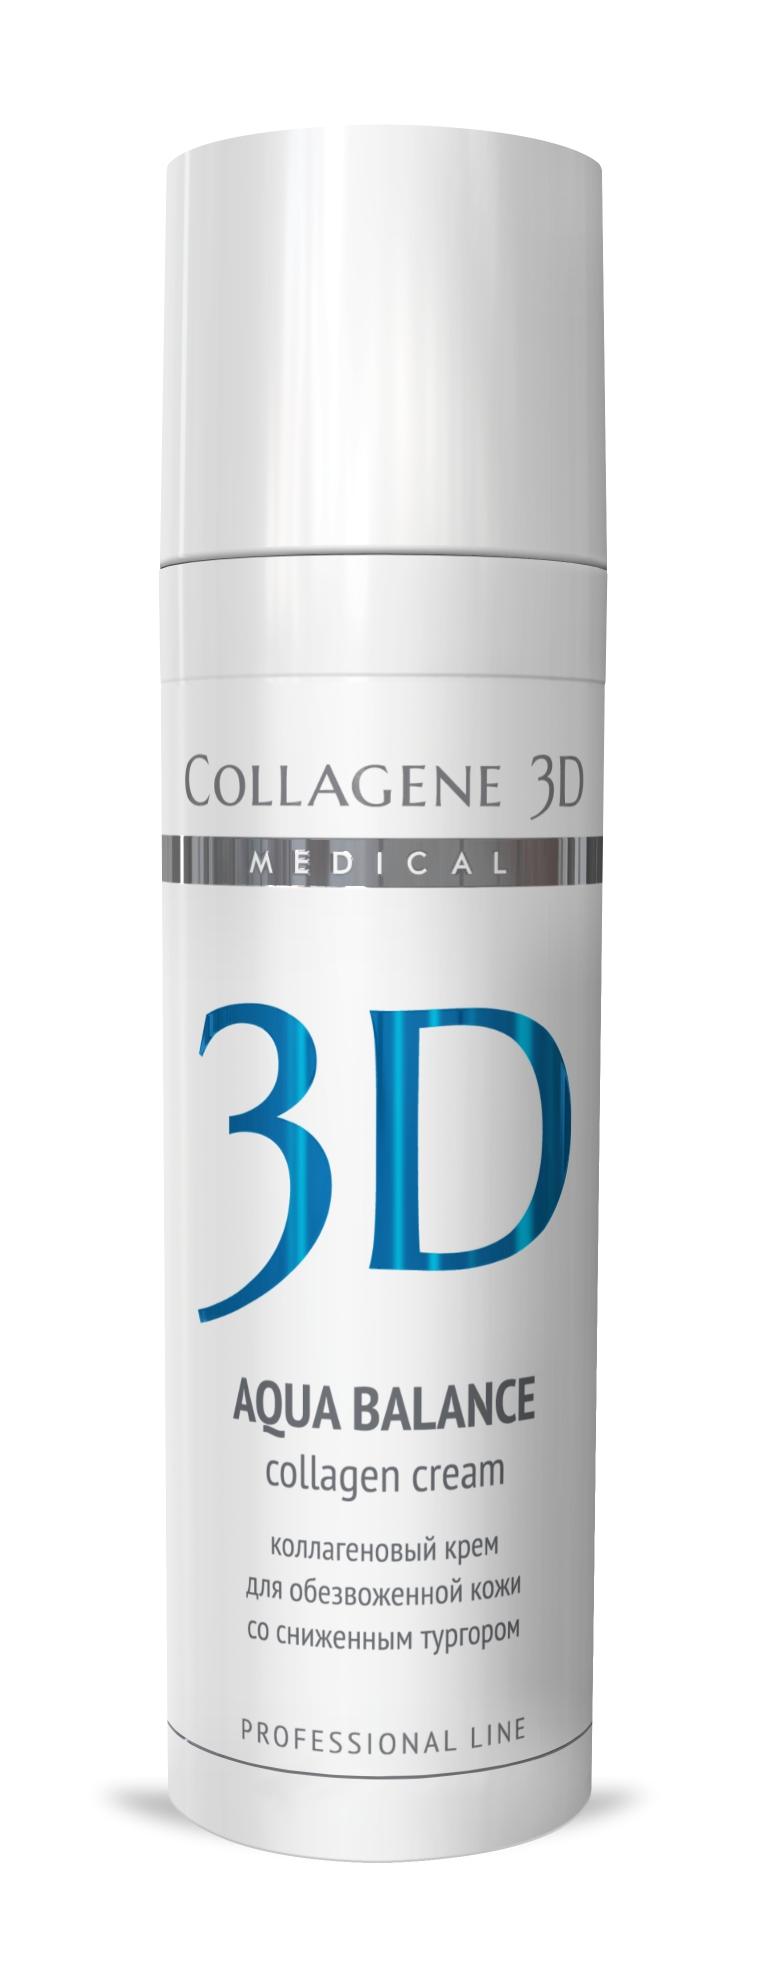 MEDICAL COLLAGENE 3D ���� � ���������� � ������������ �������� ��� ���� Aqua Balance 30�� ����.�����<br>������ �������� �������� ����� ������ �����������, ������ ���������� ������� ��� ������. �������� �������� � ������������ ������� ������������ ���������� � ������������� ������ �������, ����������� ����� ����� � ������� ������, ���������, ������������ ������������ ������, �������� ������������ ���������� � ���������� ����, �������� � � � � ������ ����������� �������������. �������� �����������: �������� �������������� ��������, ������������ �������, ����� �����, ���������� �����, ��������, ������� �, ������� �. ������ ����������: ������� ������ ����� �� �������������� ��������� ���� ����, ��� � ������� ��������. ����� ������������� ��� ��� ��������-��������, ��� � ��� ��������� ����������. �������� ����������: 8-10 ��������. ��������� �� 1 ��������� ��������� ��� ����� ����. �������������� ��������� ������� ��������� 1 ��� � ������.<br><br>��� �������� ��� ����: ������<br>���� ����: ����� � ������������<br>����������: �������<br>������������: ��������